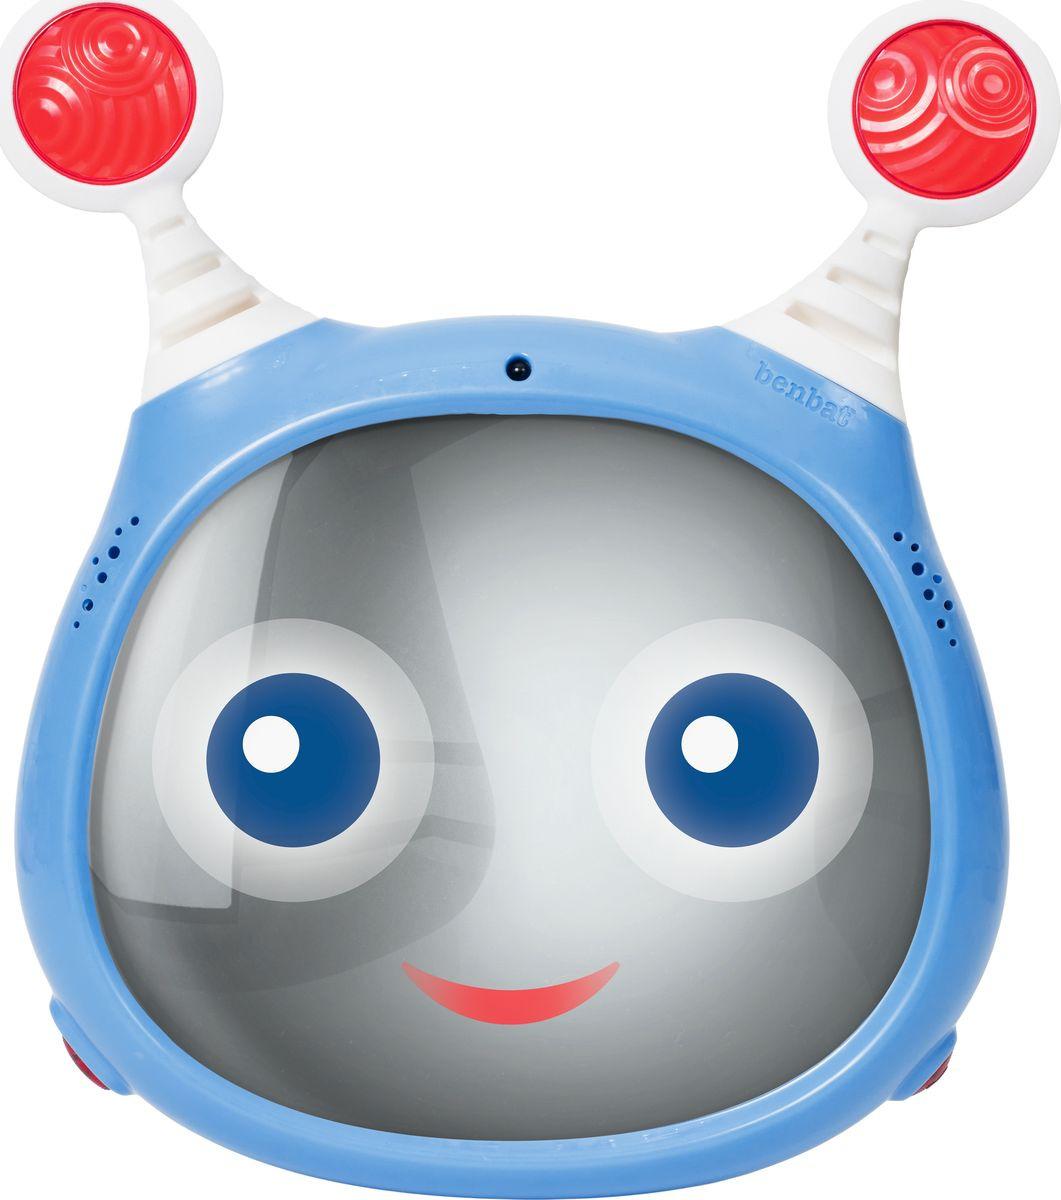 Зеркало для контроля за ребенком BenBat Oly Active, BM704, голубойBM704Широкоугольное зеркало Oly поможет вам наблюдать за вашим ребенком во время движения Мигающие глазки и светящаяся улыбка, а также функция воспроизведения 4 мелодий и 4 звуковых эффектов поможет развлечь ребенка в пути или успокоить плачущего малыша Эффектами можно управлять как дистанционно (с помощью пульта), так и с помощью кнопок на пластиковой панели Регулируемый угол наклона позволяет оптимально расположить зеркало в машине.